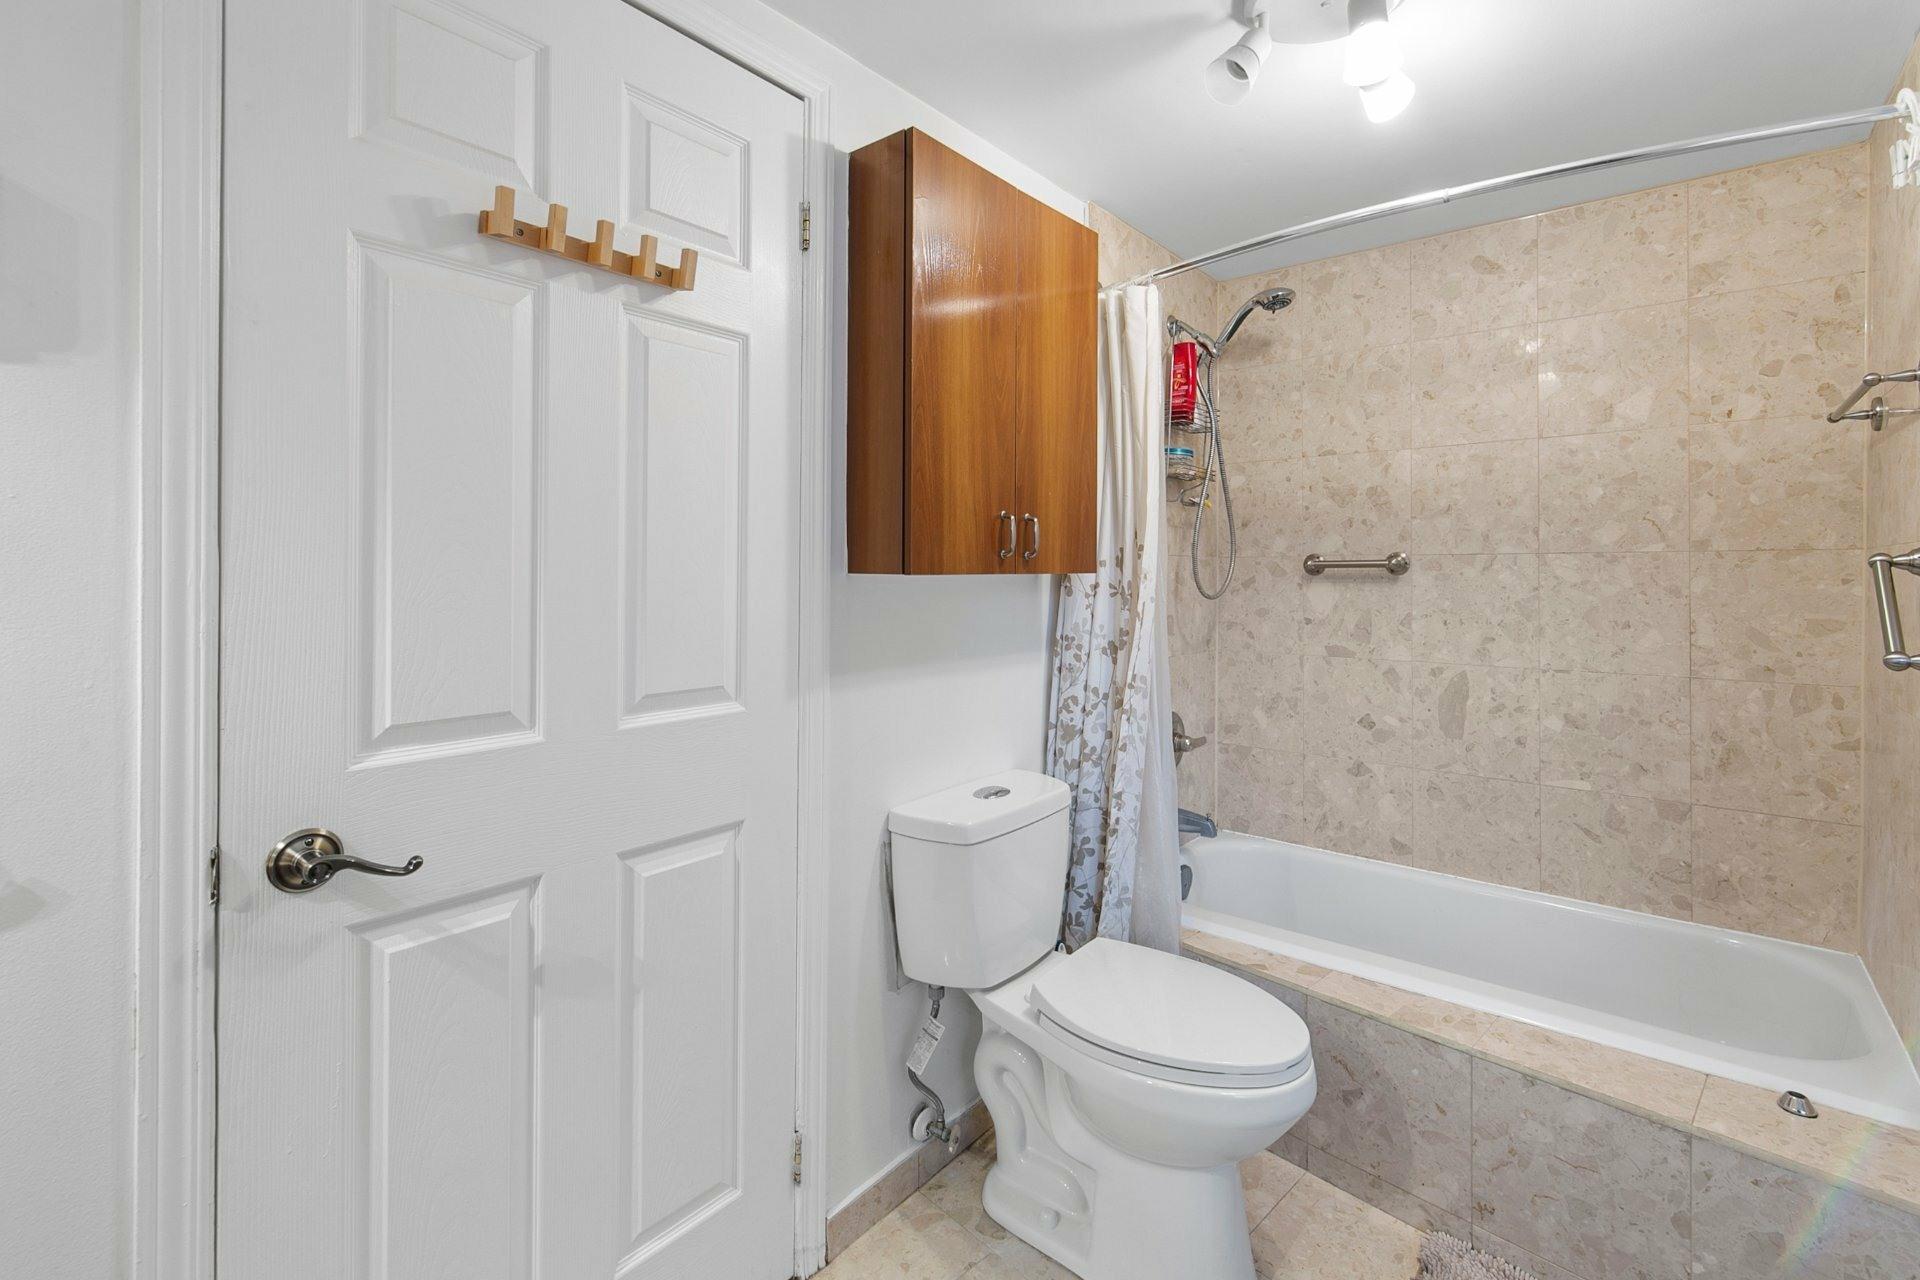 image 22 - Appartement À vendre Verdun/Île-des-Soeurs Montréal  - 6 pièces